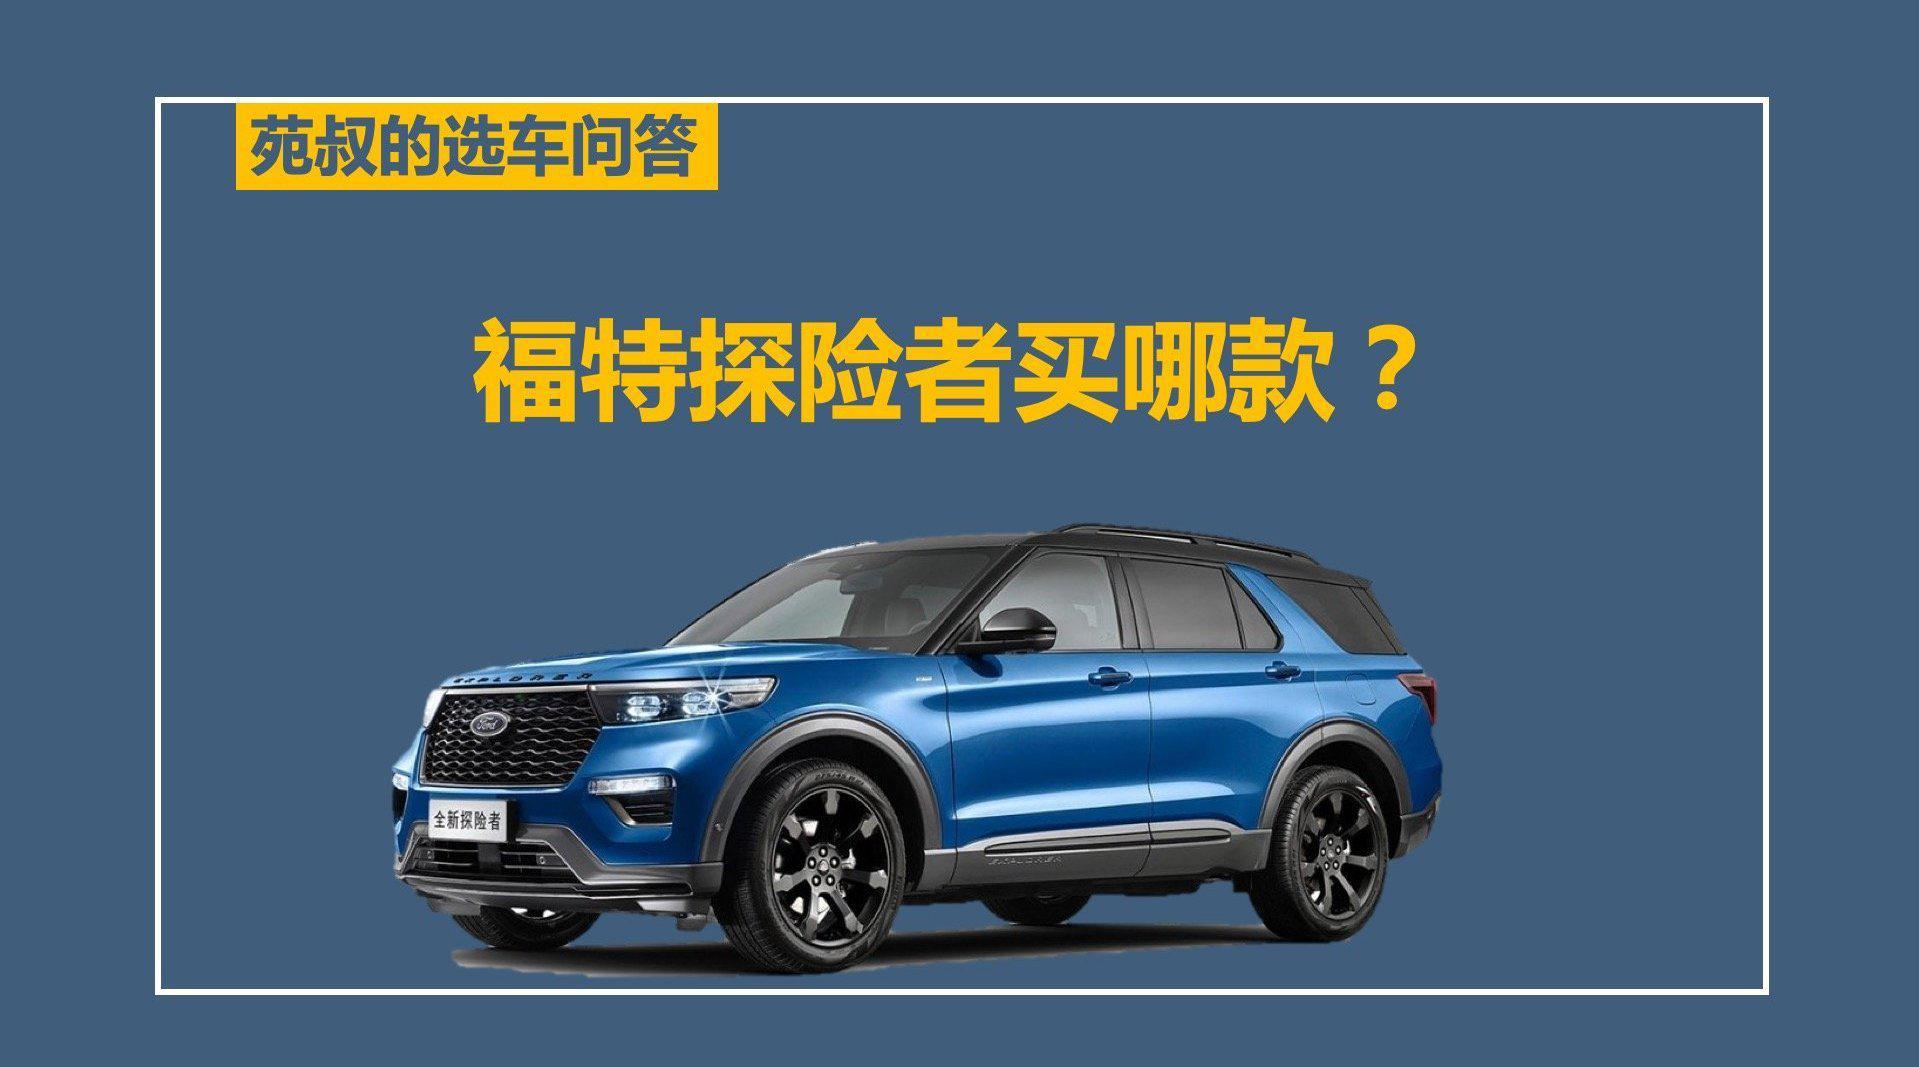 网友问福特探险者买哪款,两驱就买最低配,四驱钛金版更值得考虑